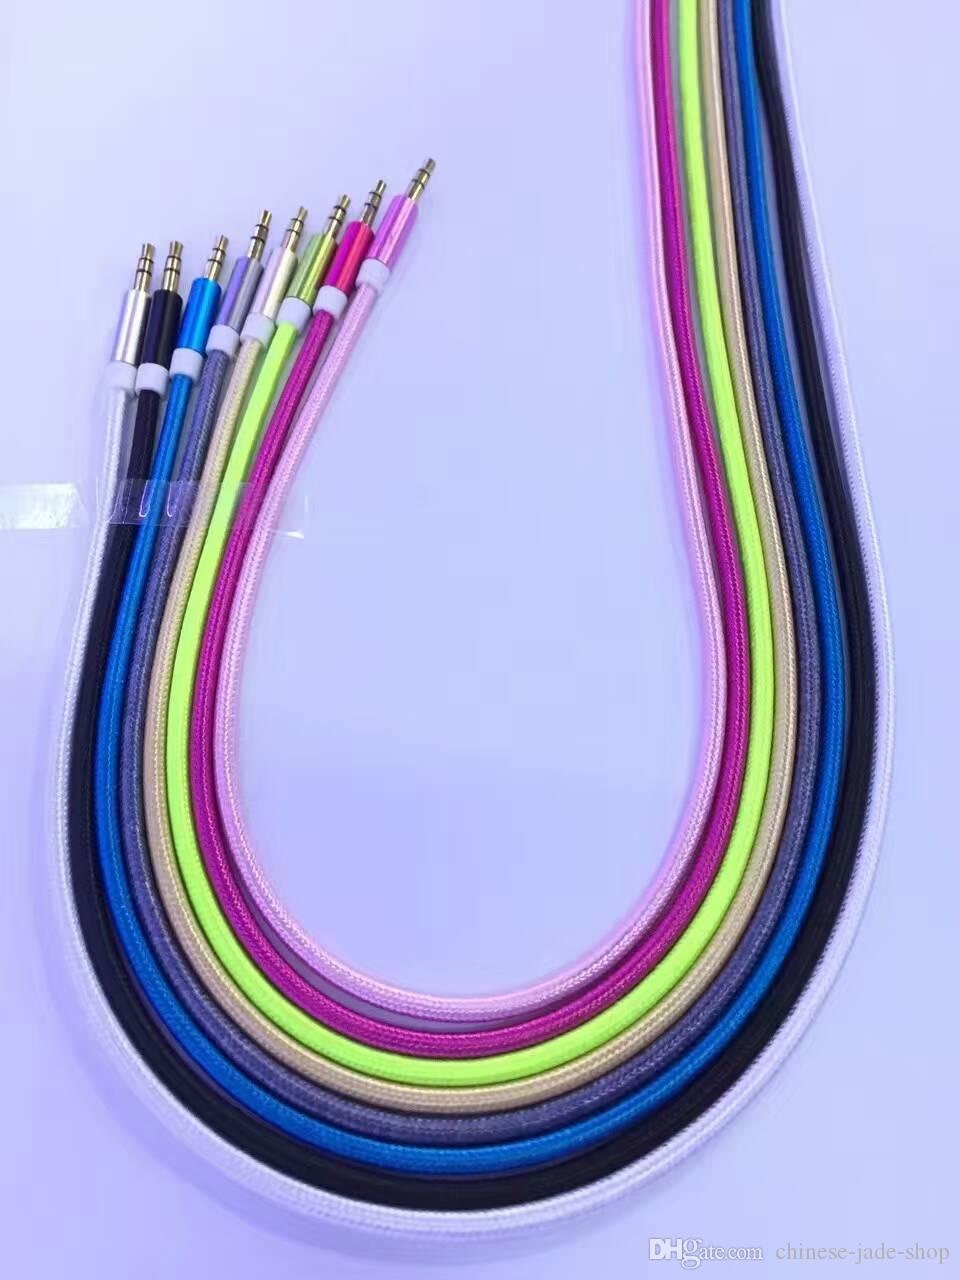 純粋な色のアルミニウム金属のアダプターナイロン編組コード3.5mmステレオオーディオAUXケーブル1M 3FT /ロット